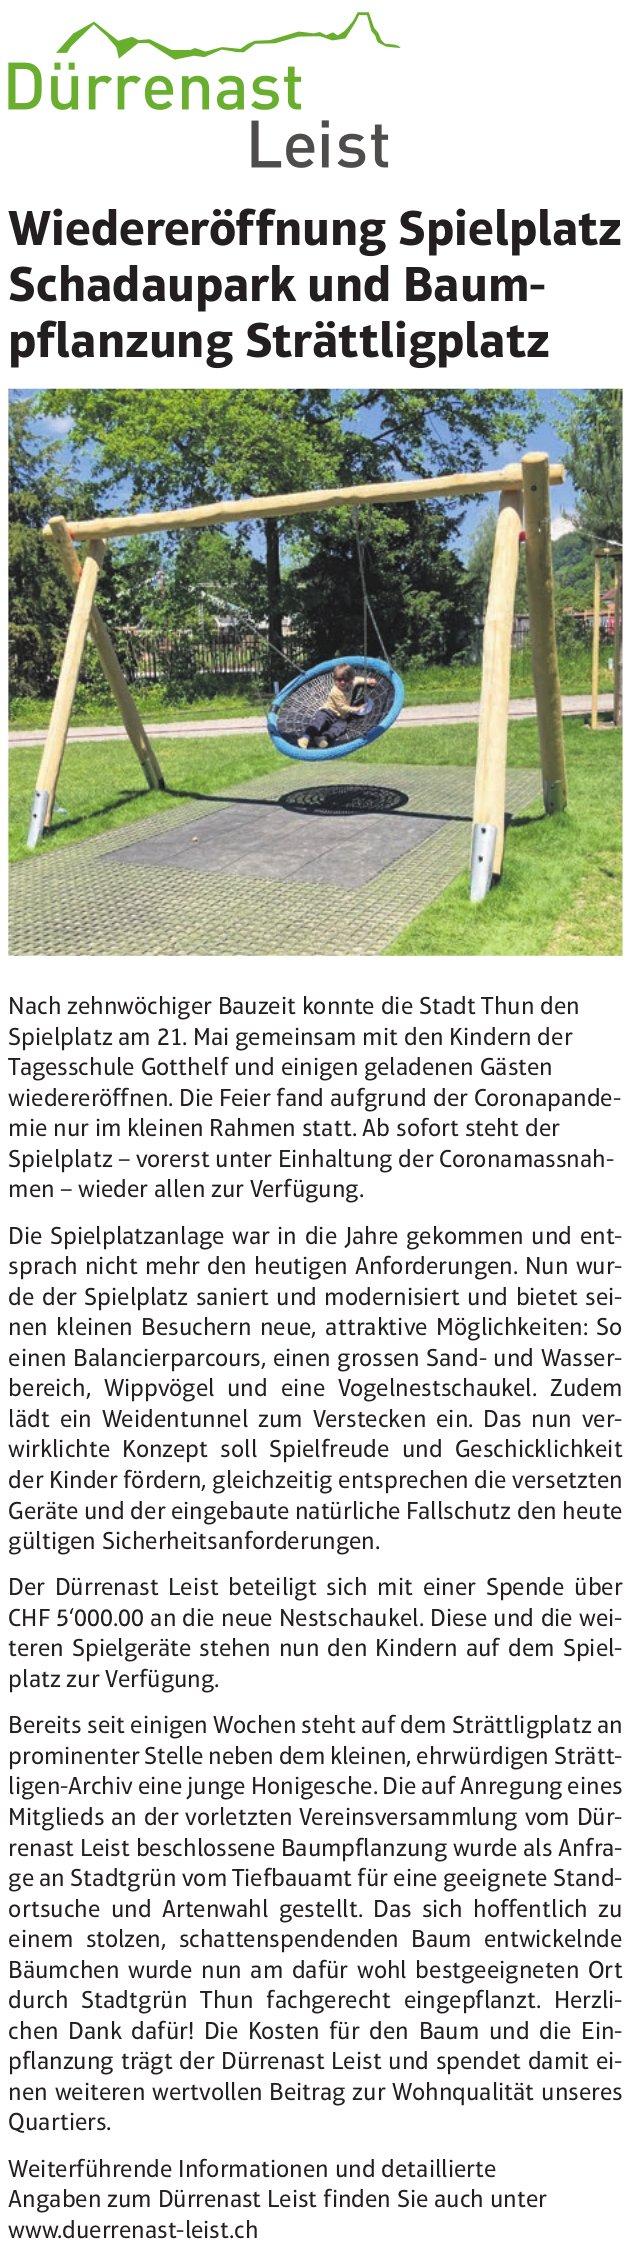 Wiedereröffnung Spielplatz Schadaupark und Baumpflanzung Strättligplatz, Dürrenast Leist, Thun